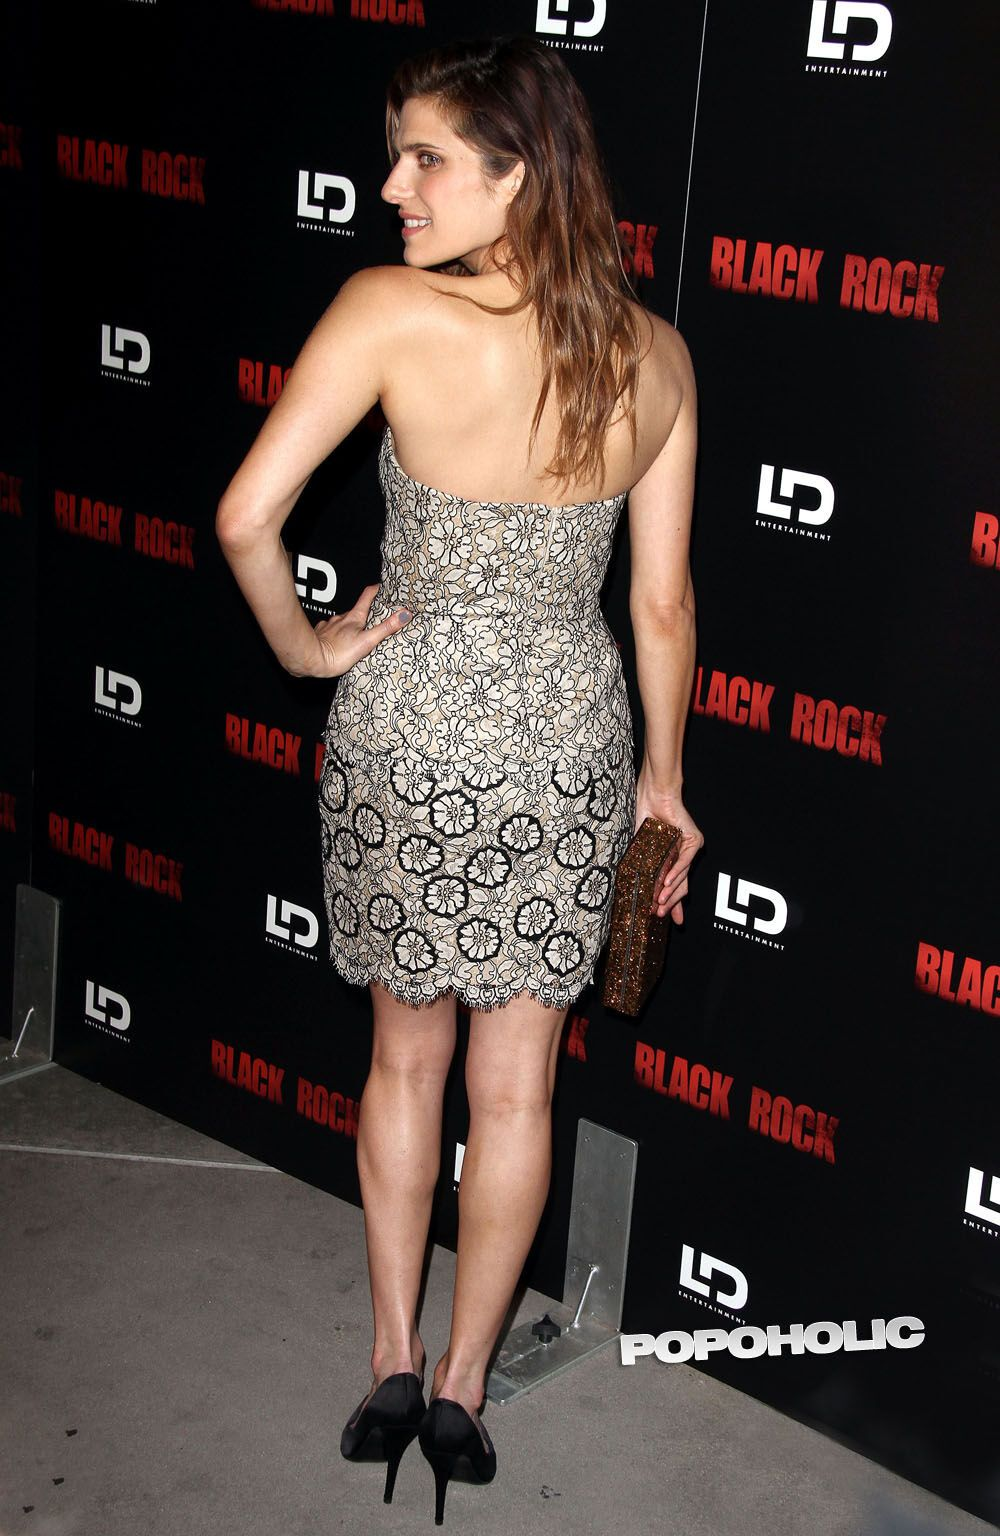 Анорексичная Кейт Босворт в странной юбке